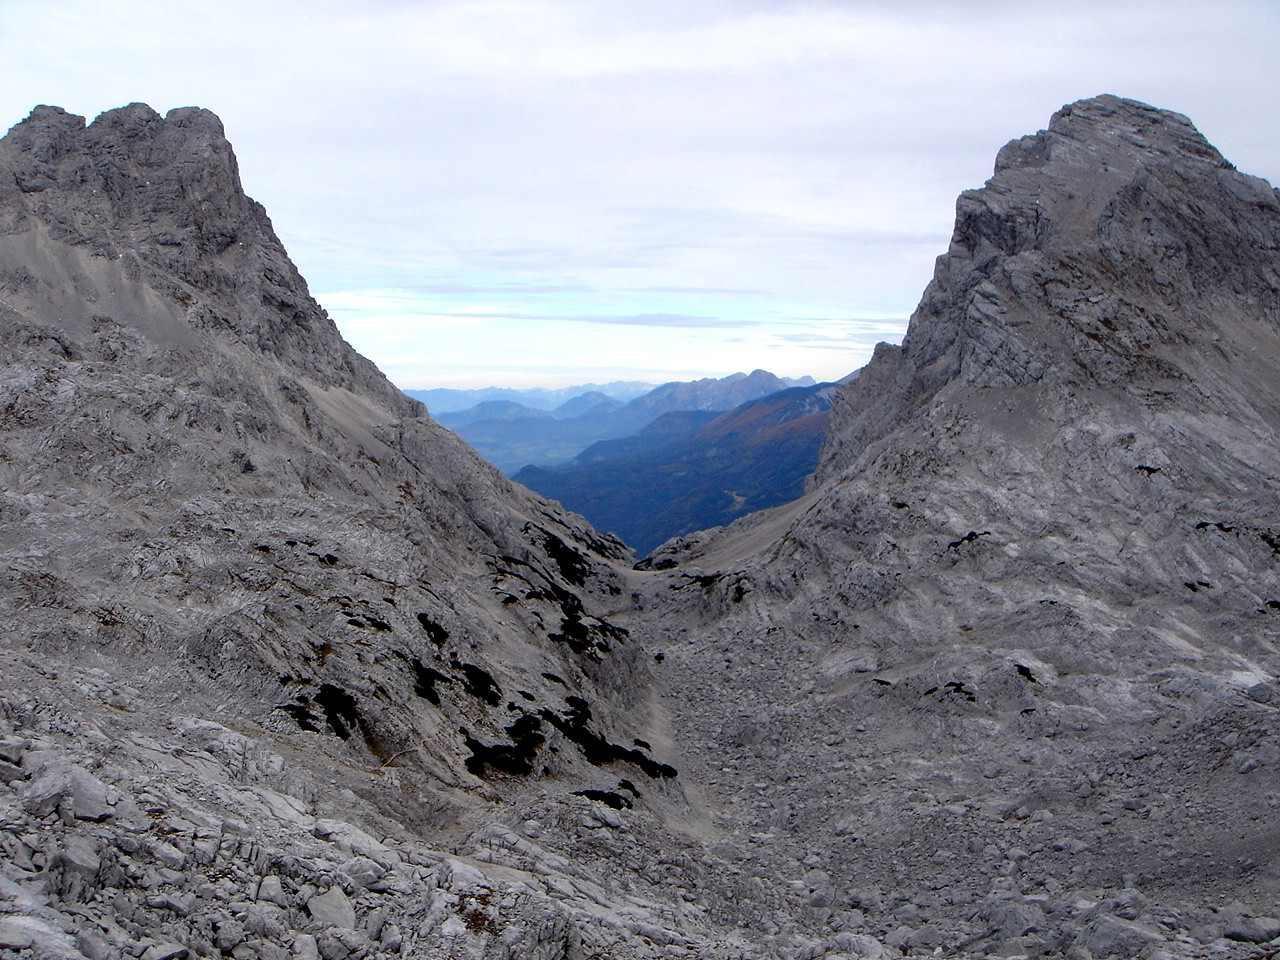 Foto: Manfred Karl / Wander Tour / Über den Großen Priel auf den Temelberg / Brotfall und Spitzmauer / 17.06.2007 07:05:52